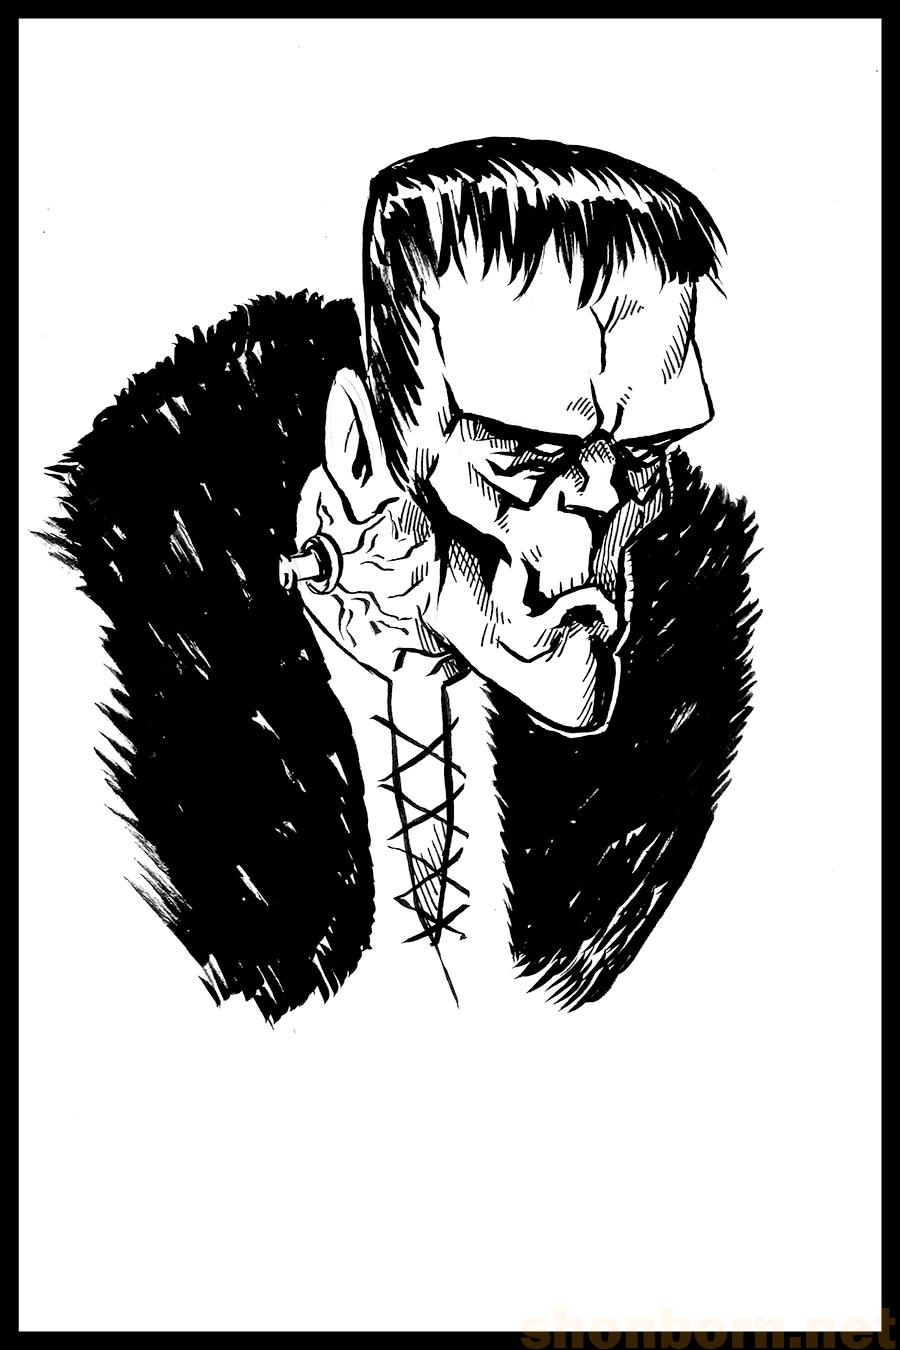 7. Frankenstein's Monster